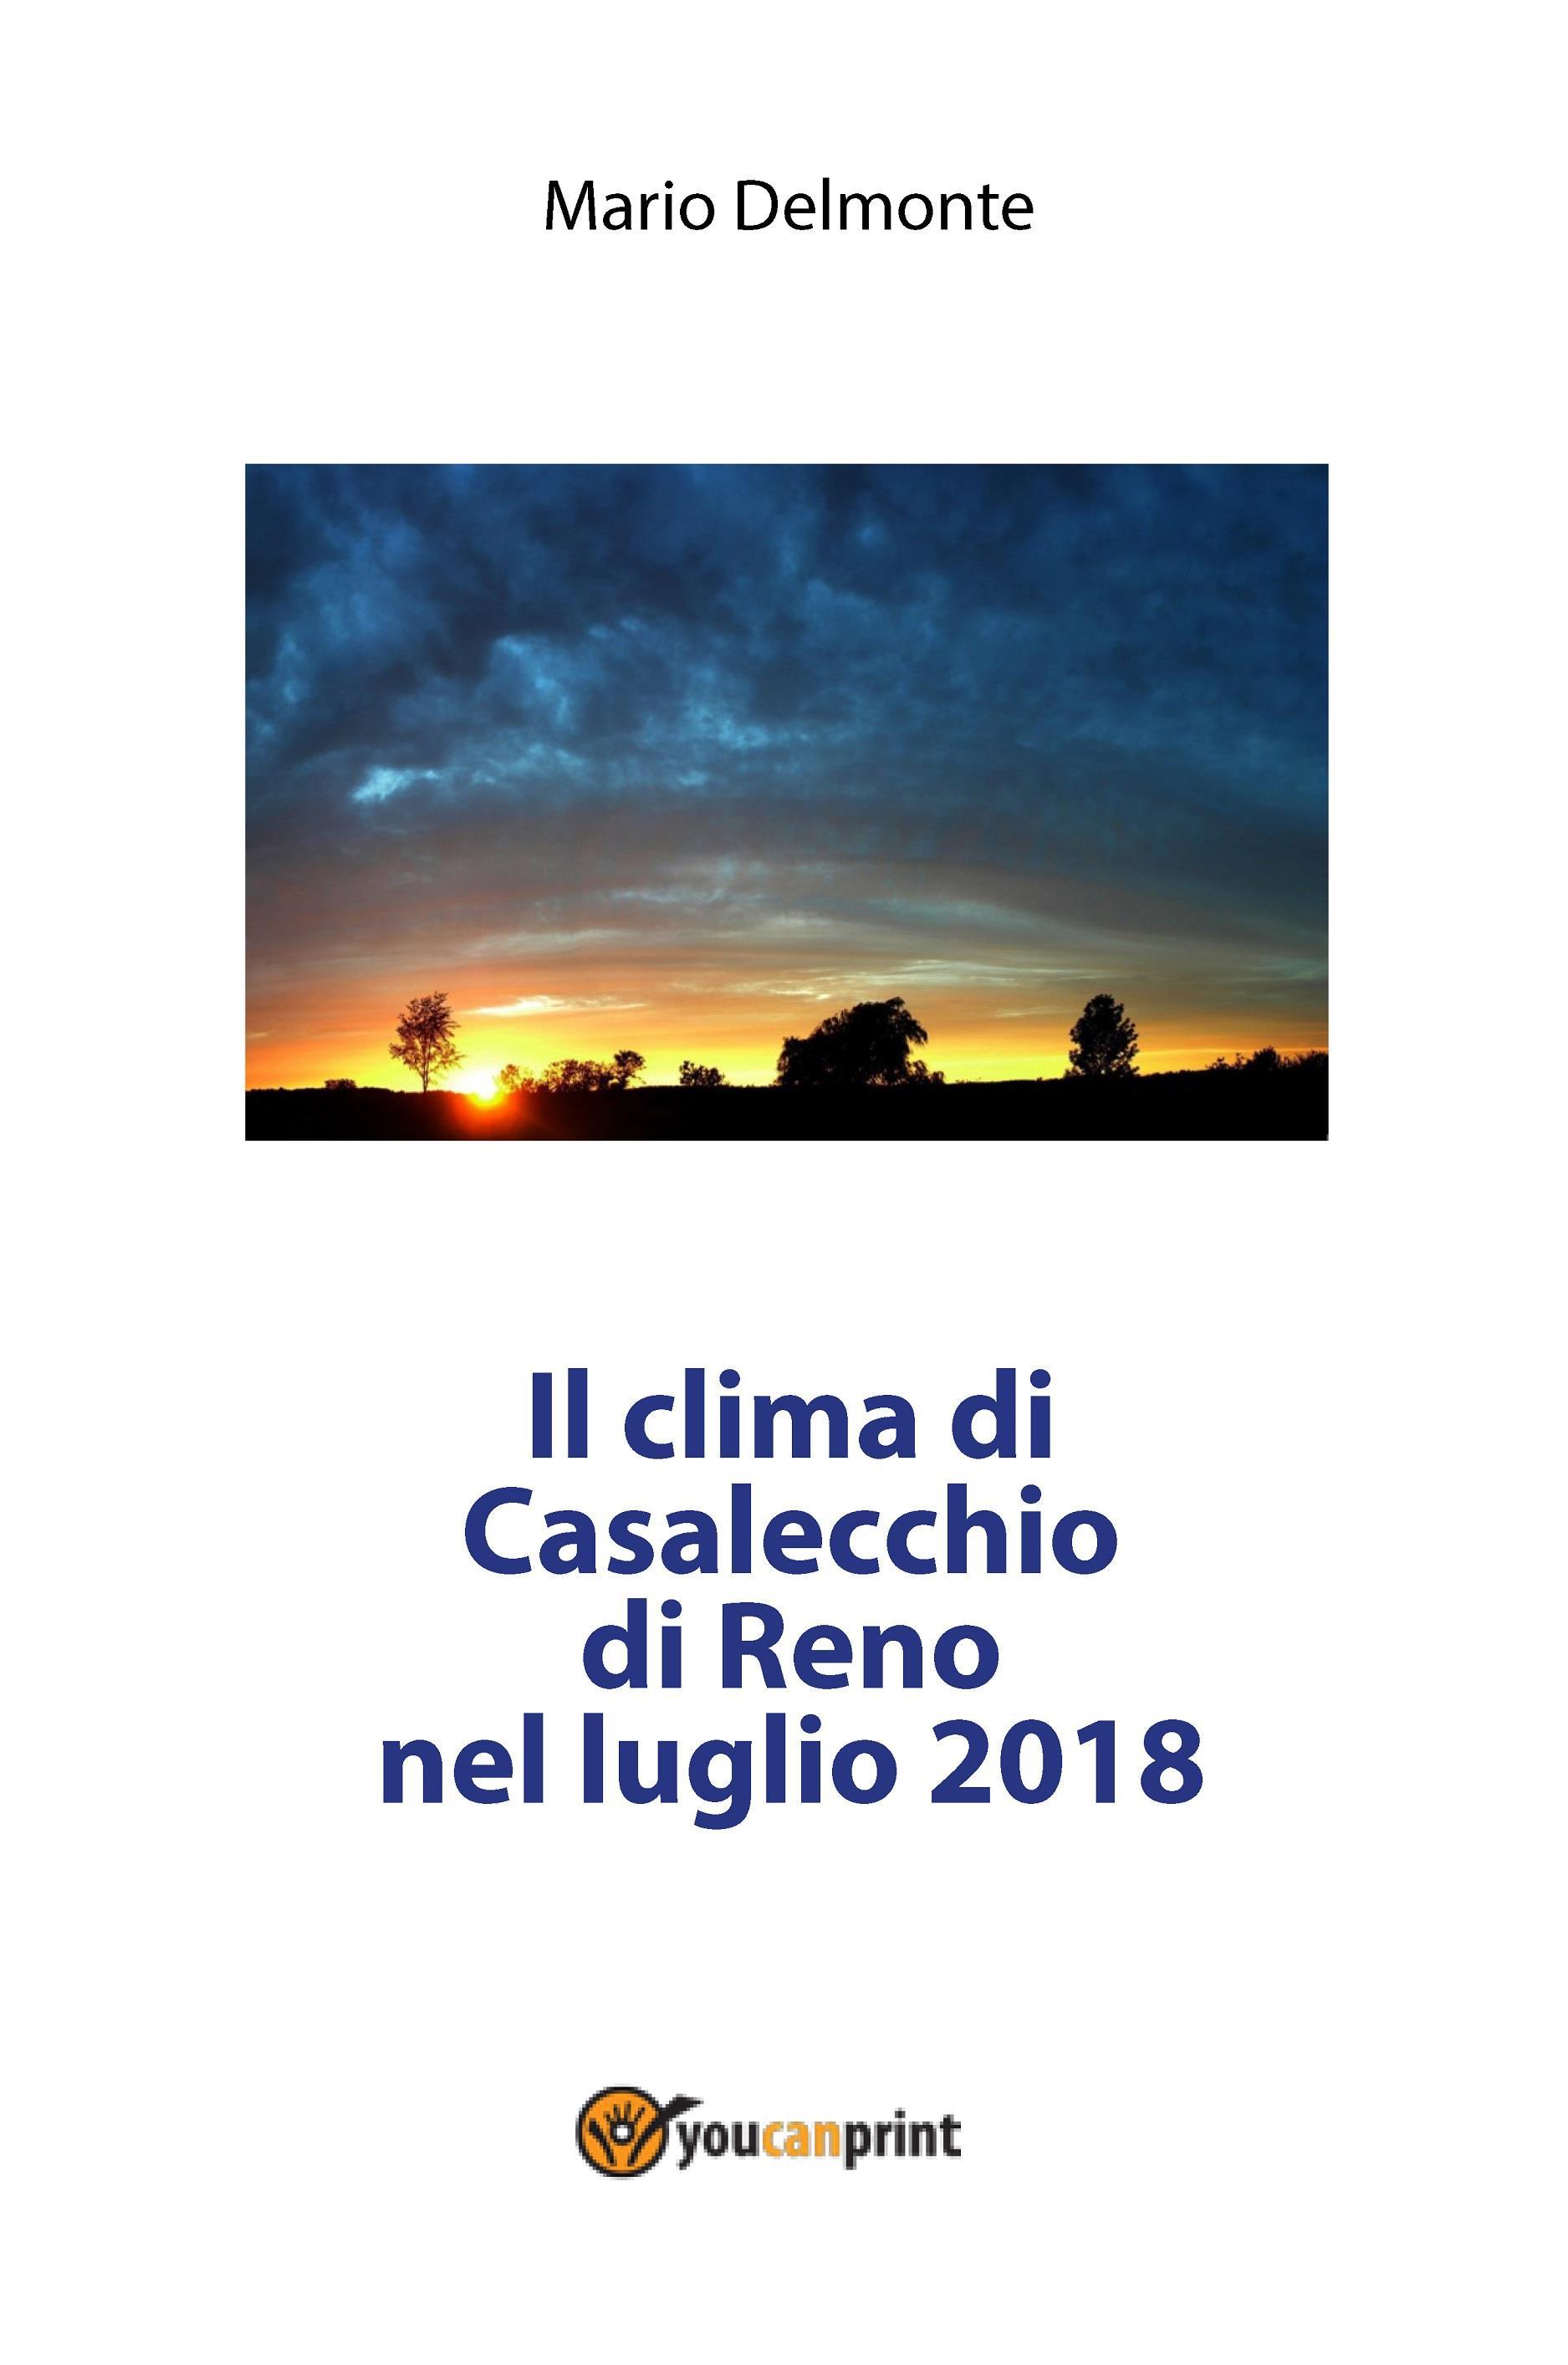 Il clima di Casalecchio di Reno nel luglio 2018